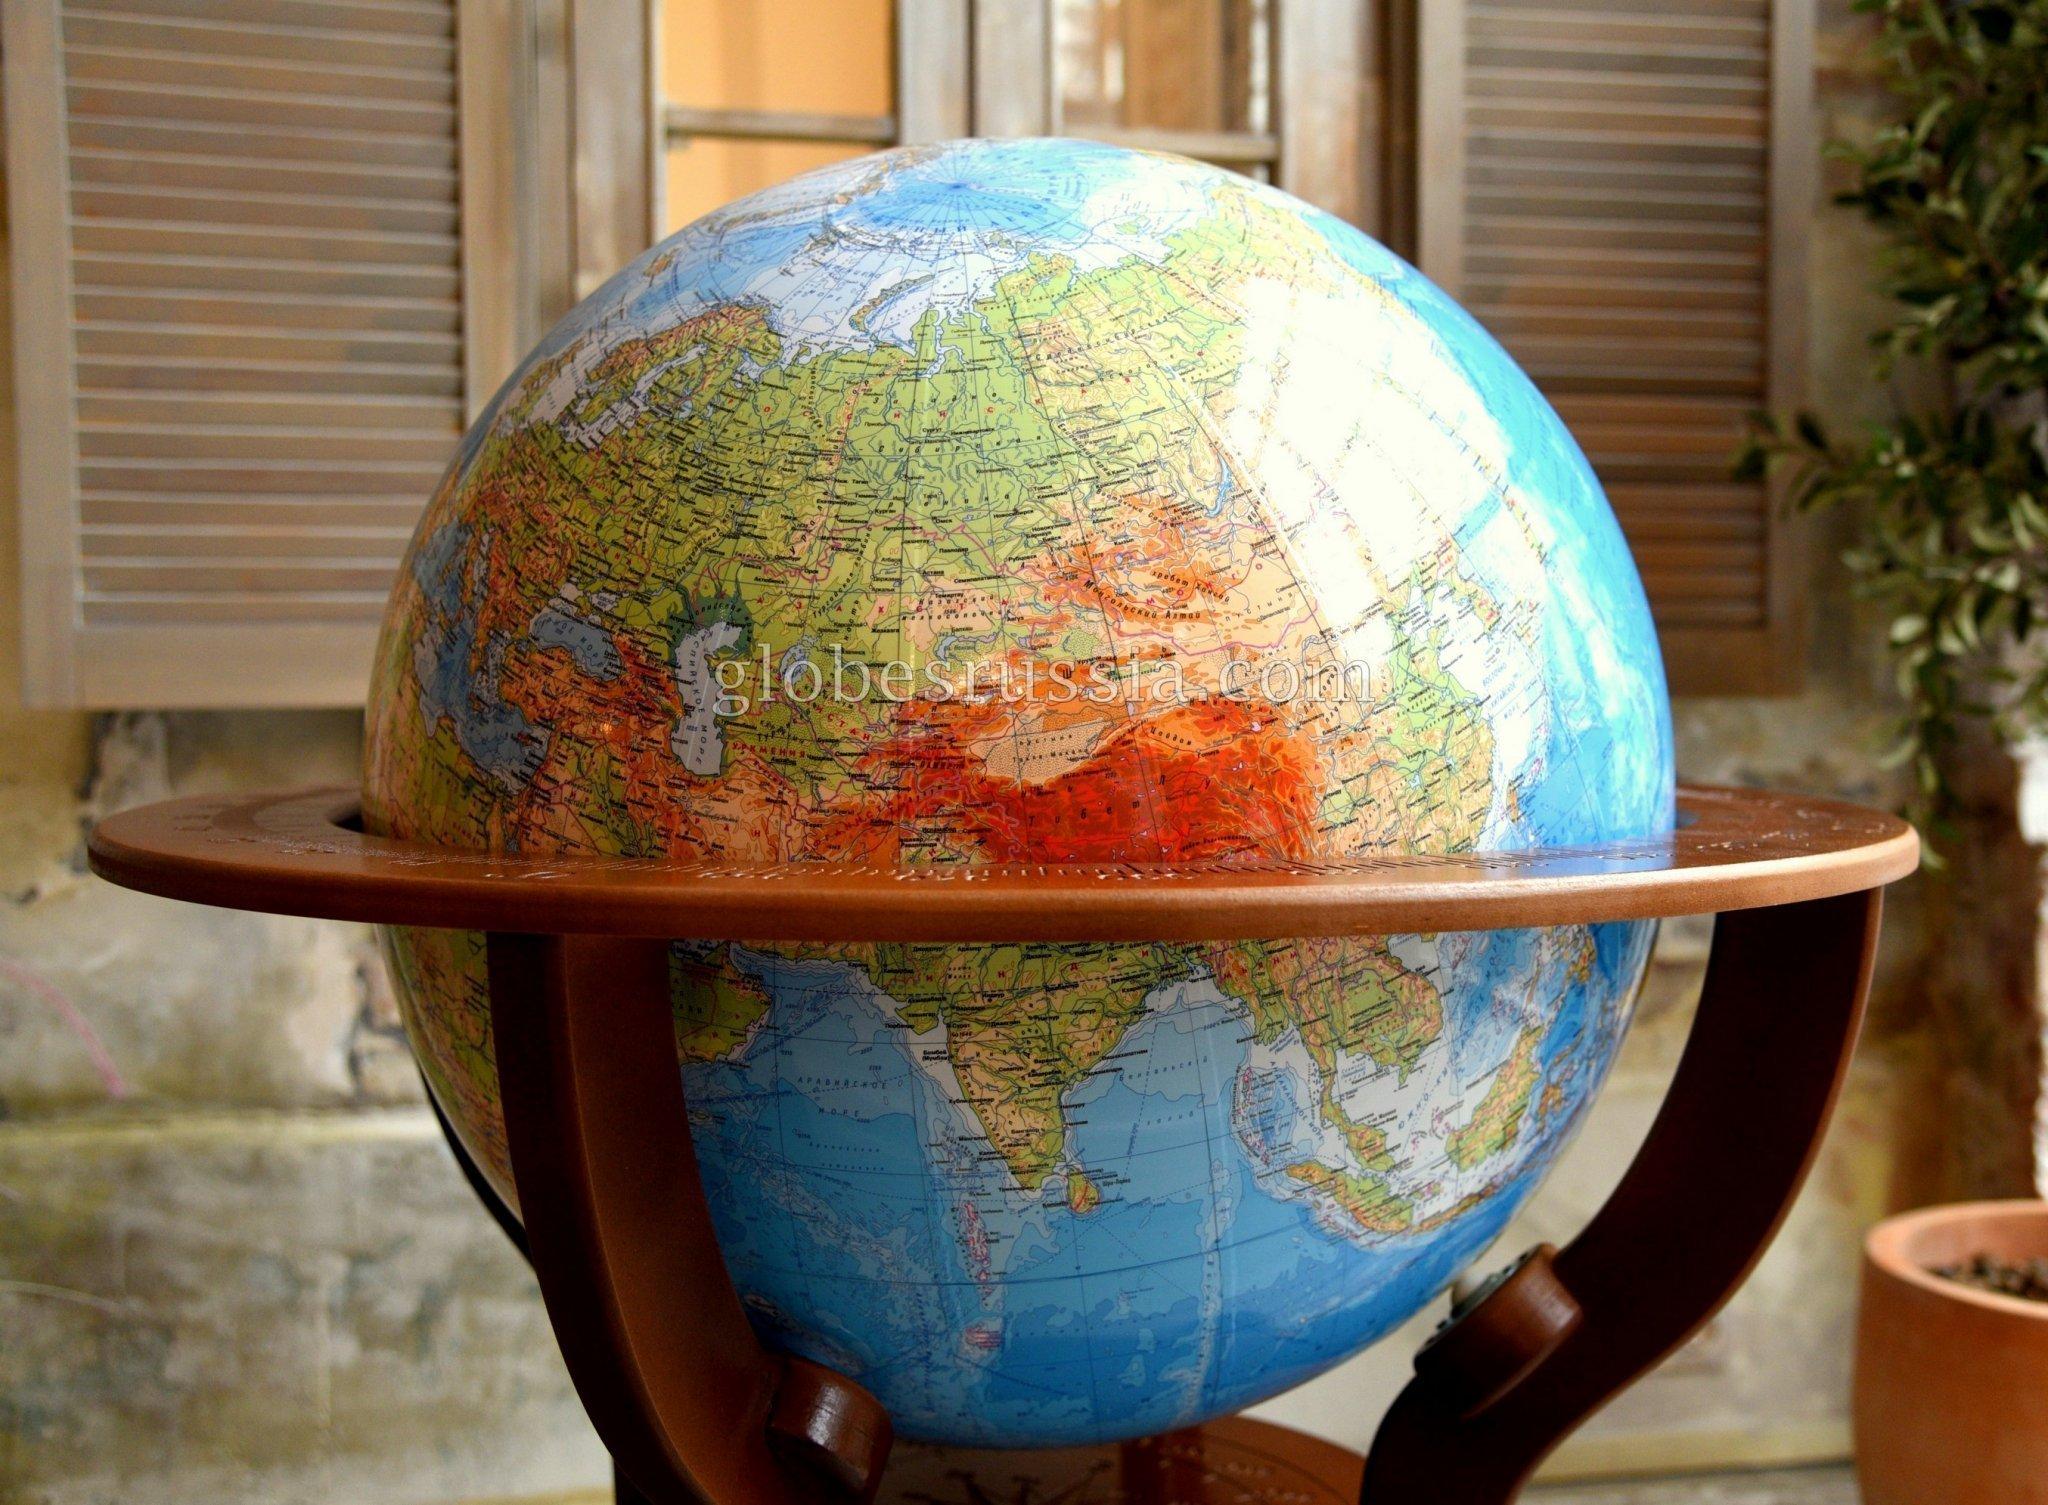 картинки глобуса с тетрадками несете деятельность области финансового